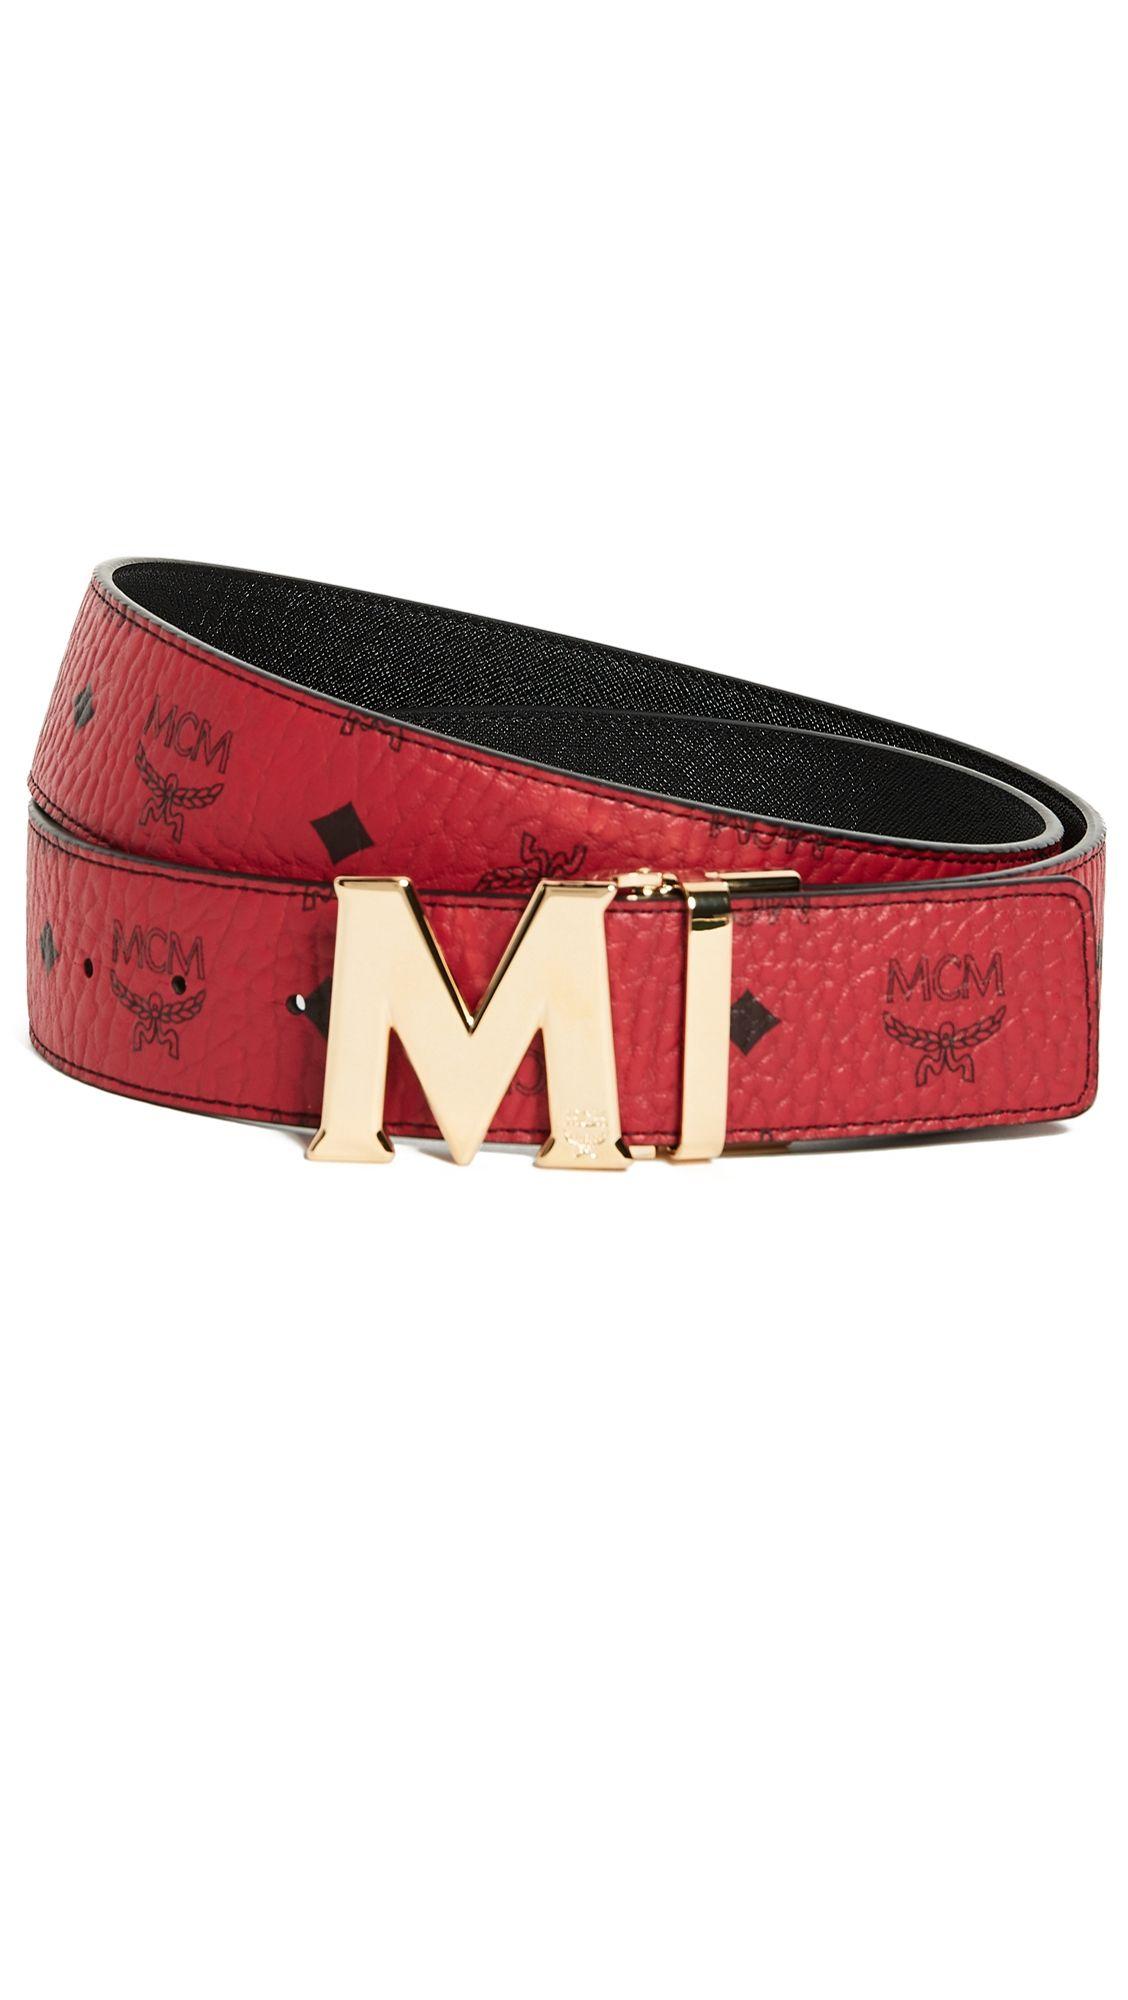 Gold M Buckle Reversible Belt In Red & Gold   Mcm belt, Belt